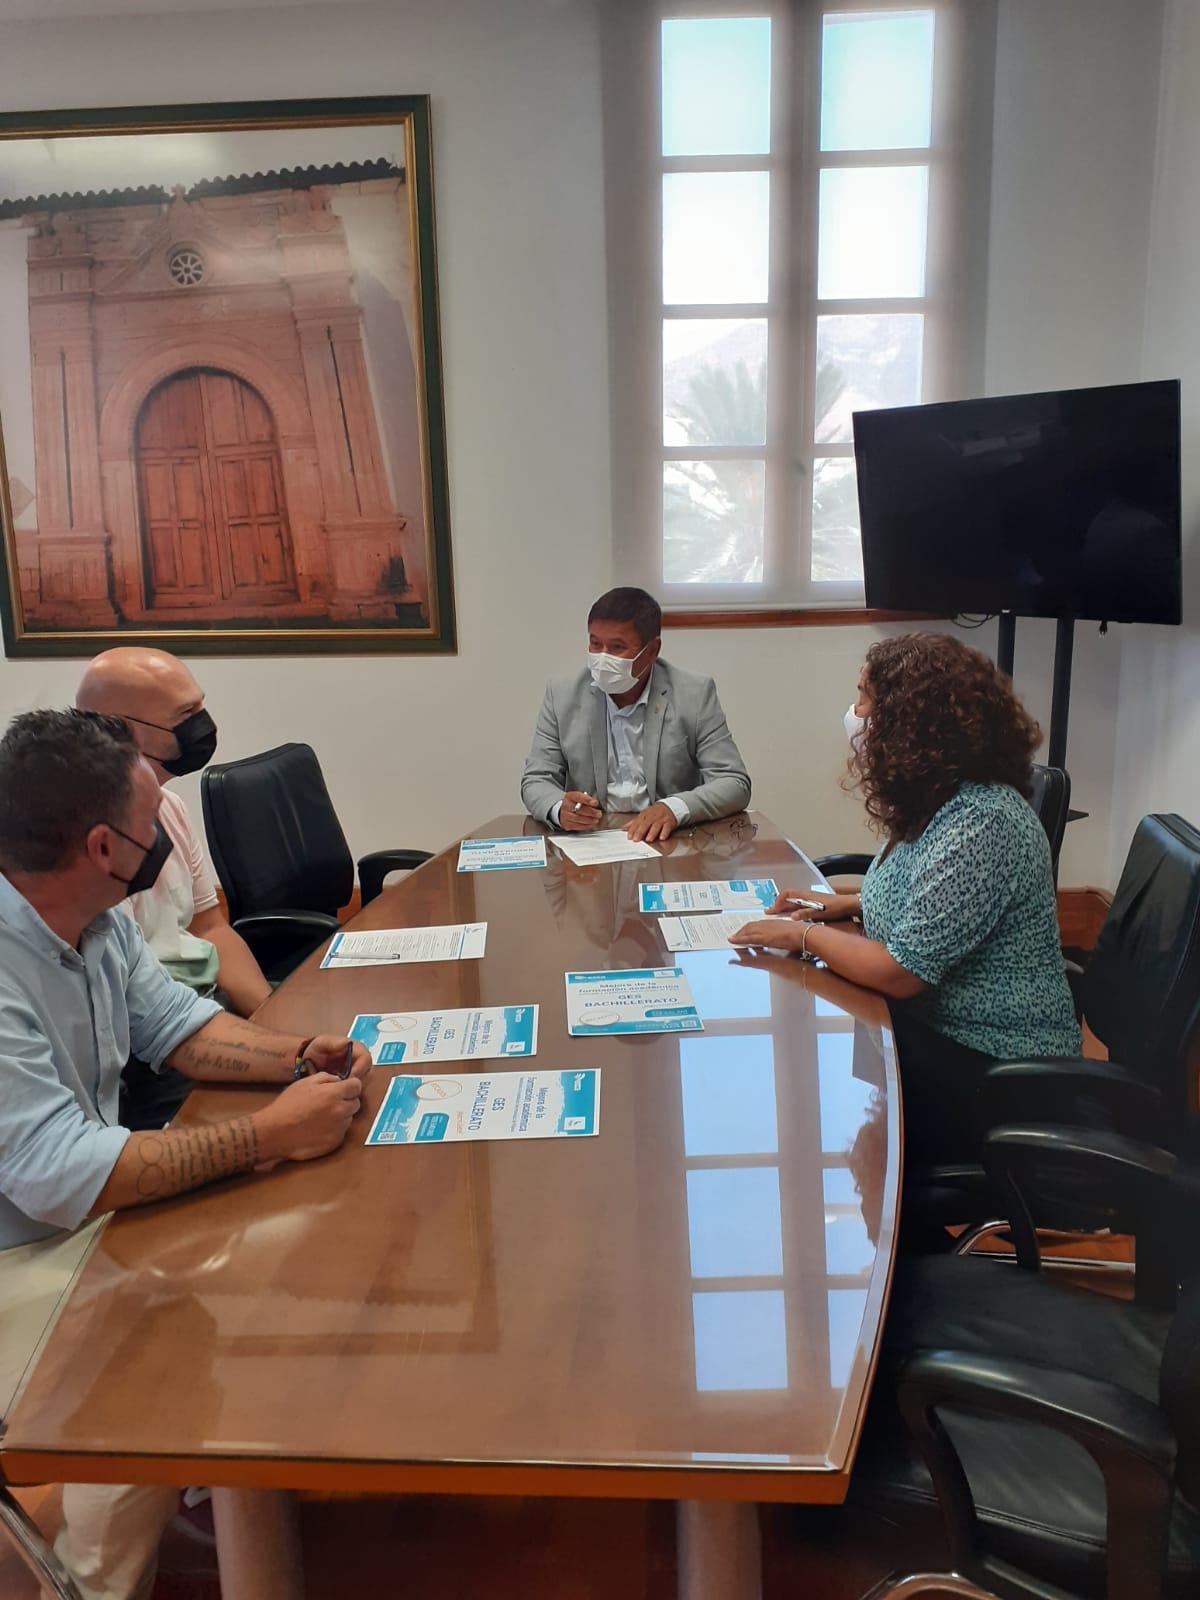 Pájara colabora con Radio ECCA para proporcionar a la ciudadanía la titulación oficial de ESO y Bachillerato